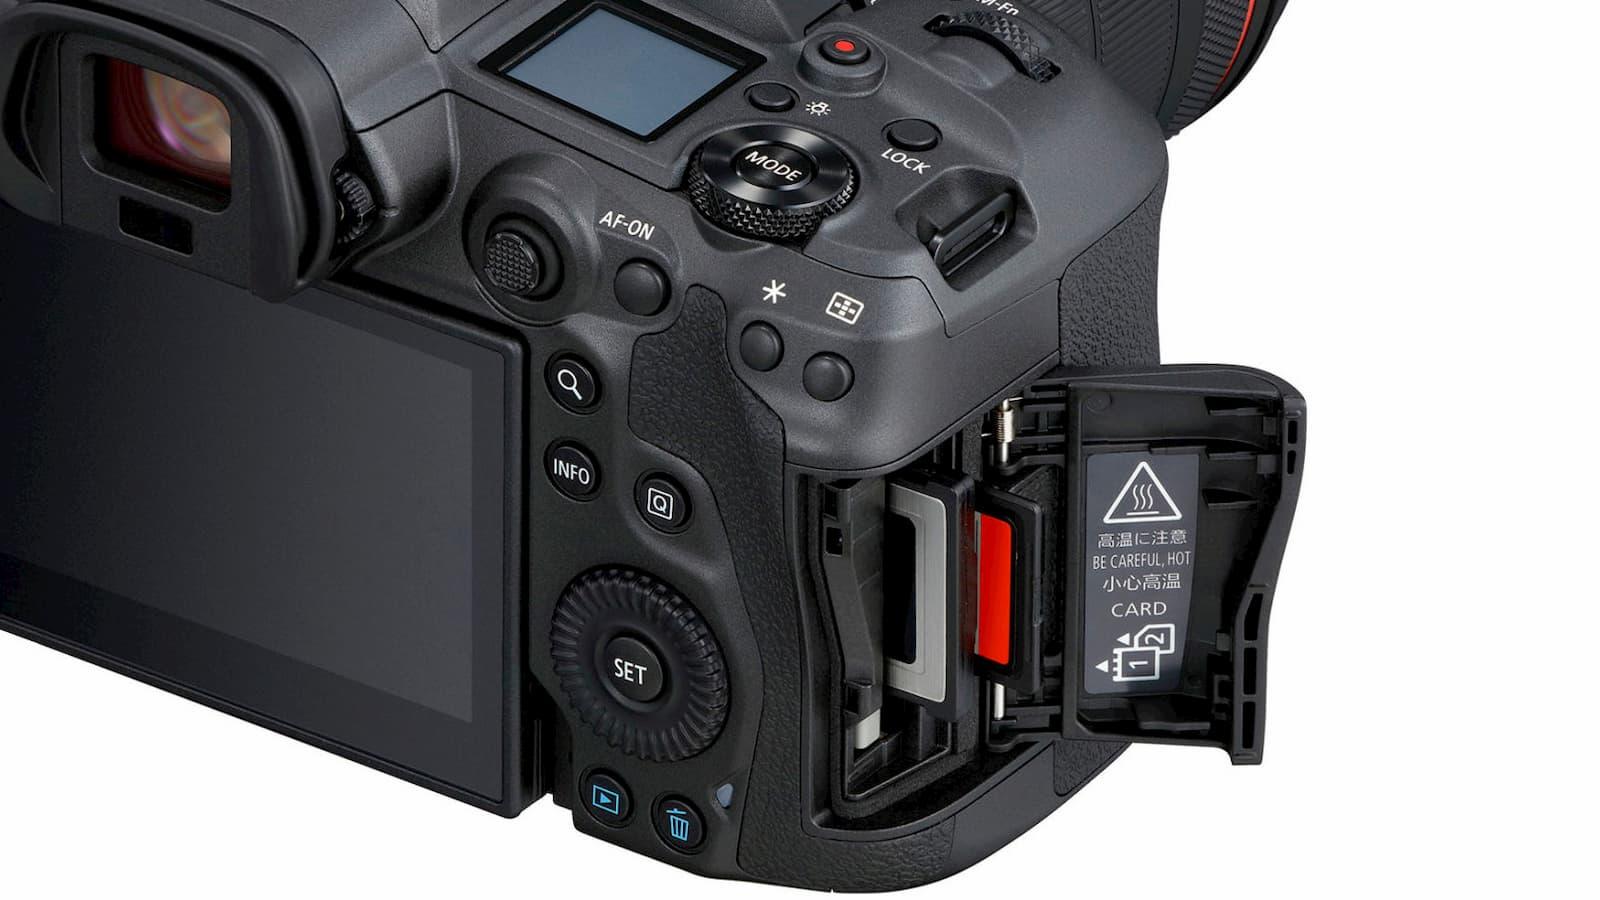 Slots de cartão da Canon EOS R5